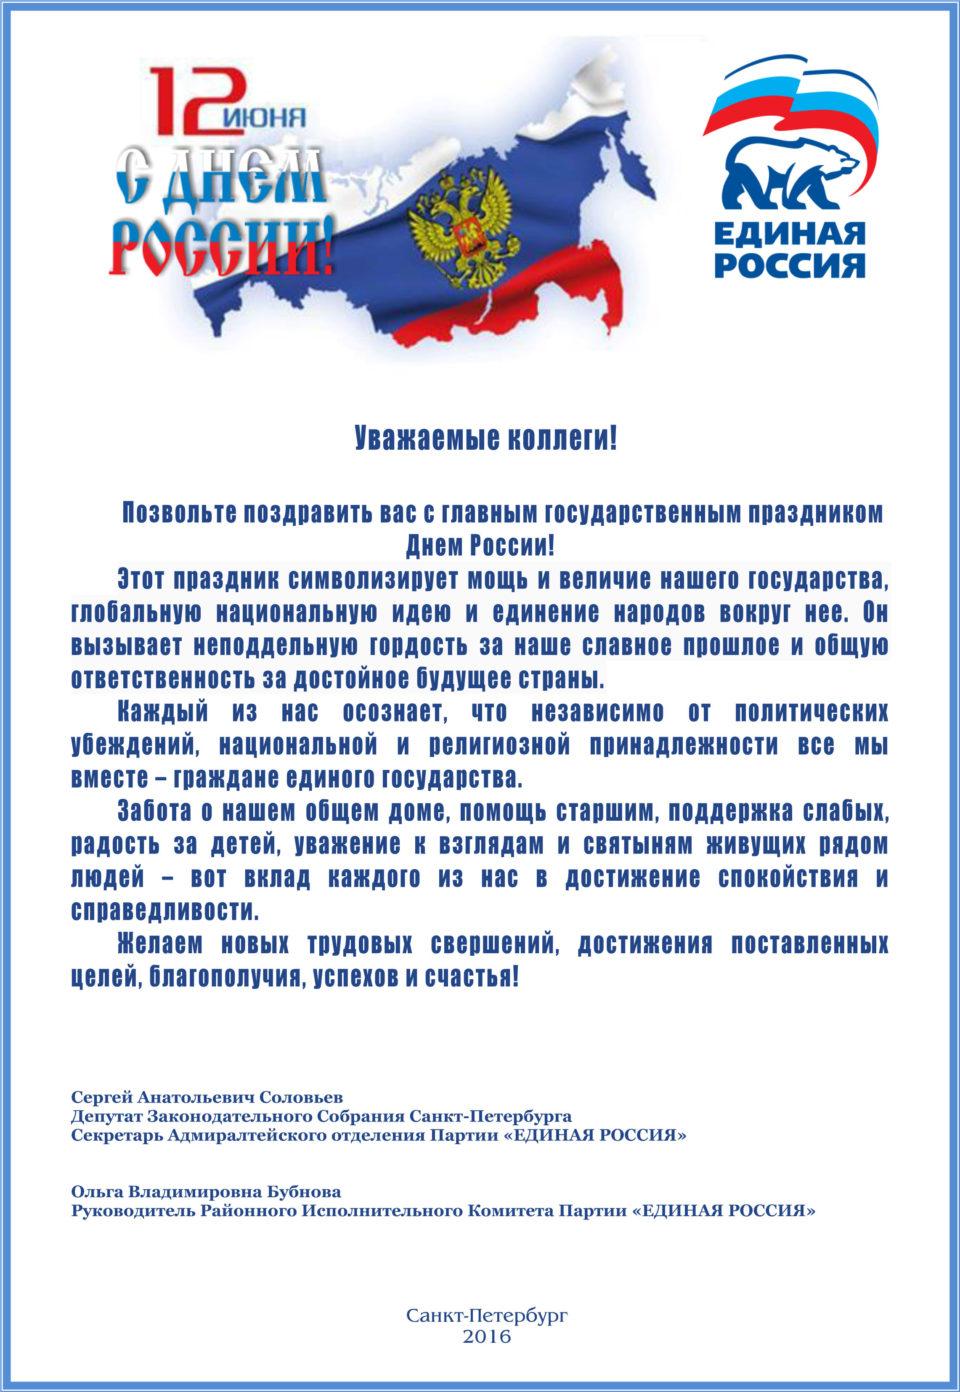 Поздравления единой россии 79